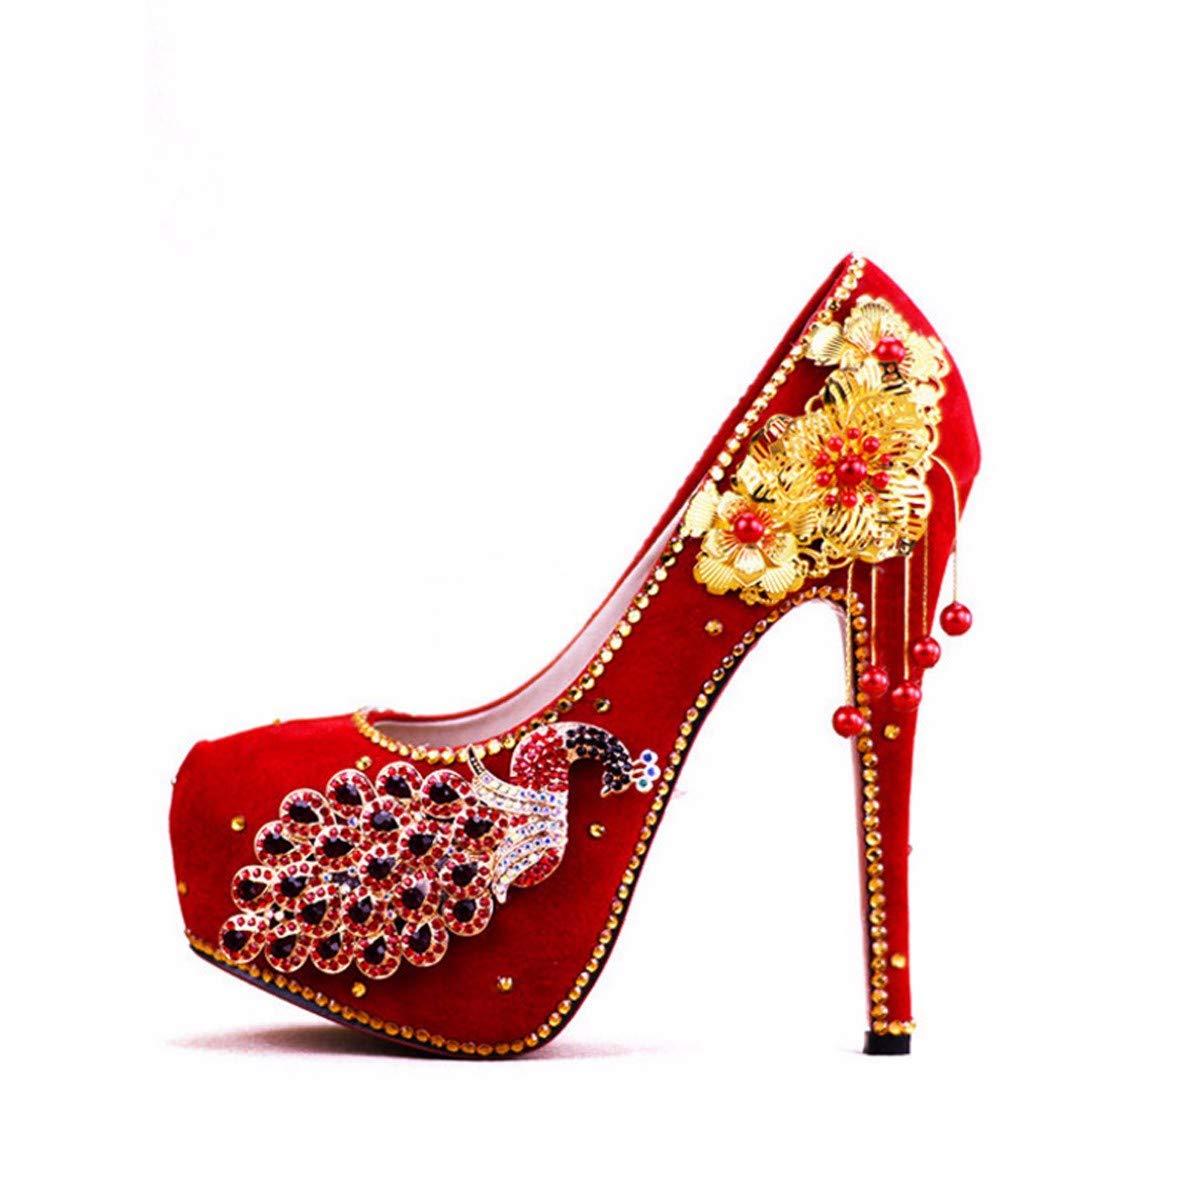 KPHY Damenschuhe/Rote Wedding Schuhe Xiu Wo Kleider Braut Schuhe Fotostudio Kleid Garderobe Einzelne Schuhe 11Cm Und Hohe